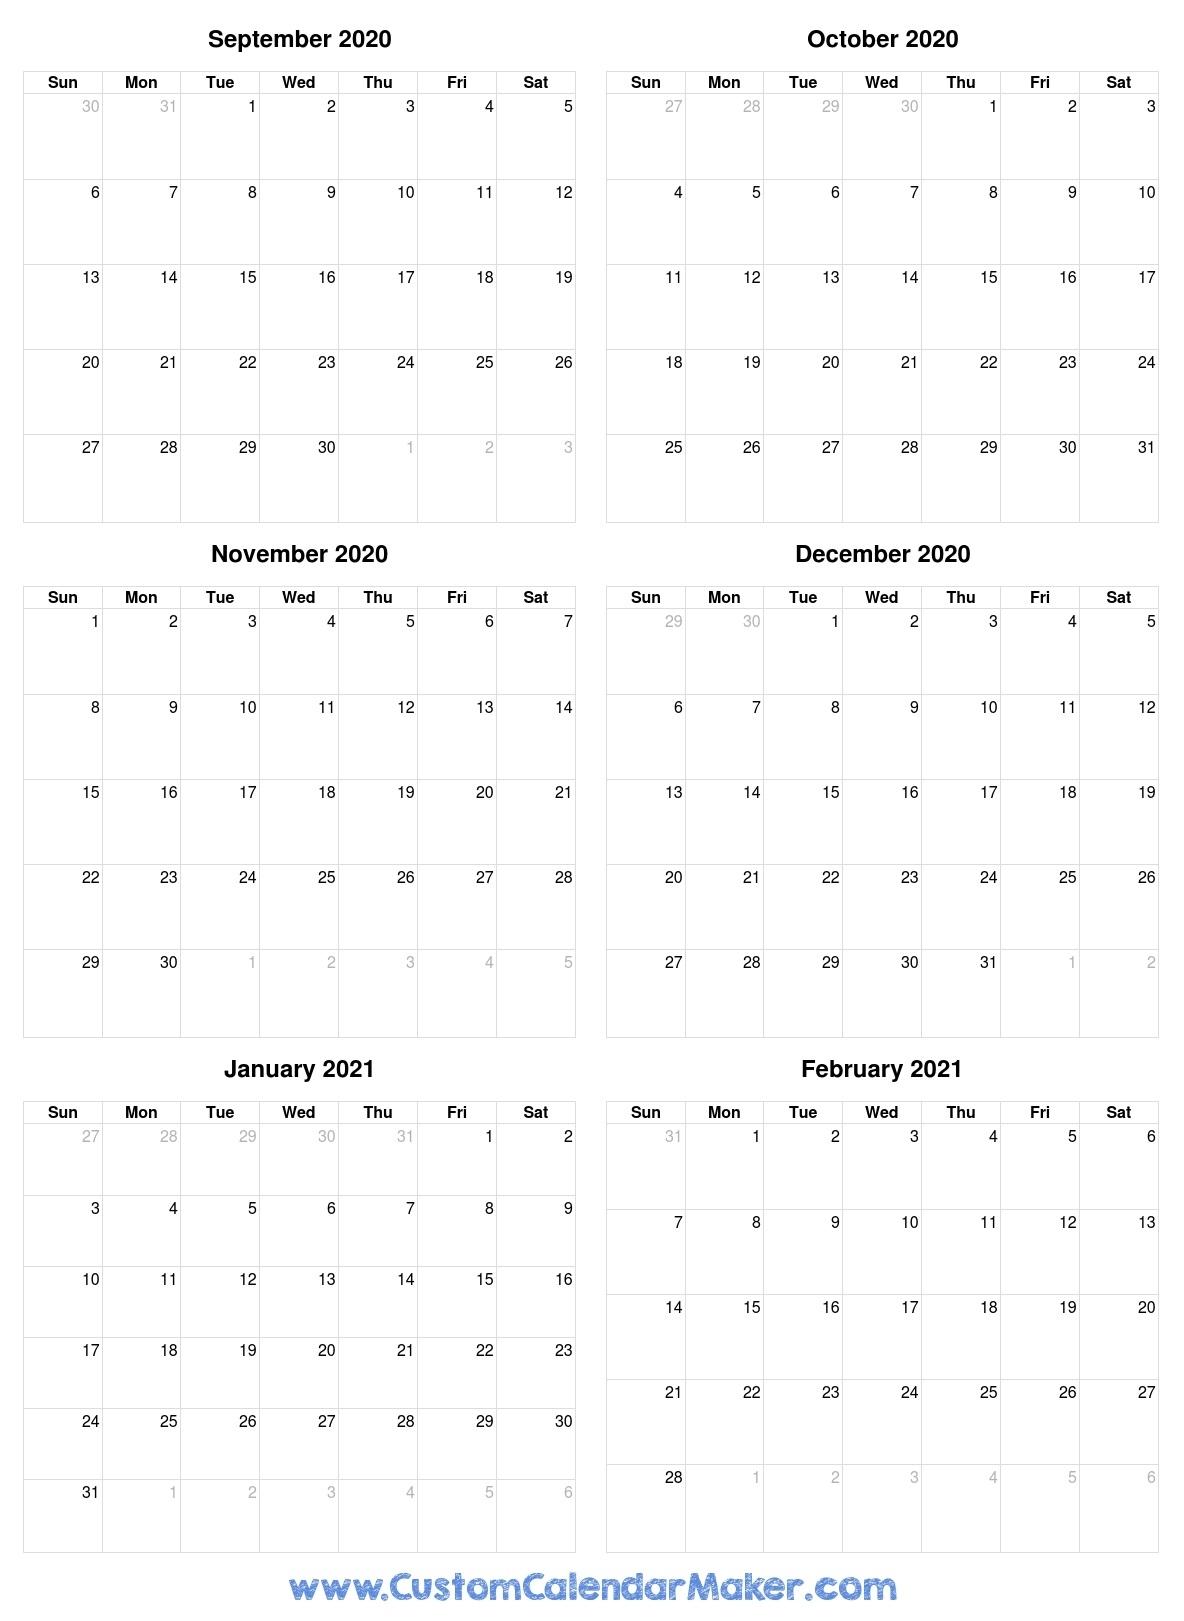 Catch Calendar Of August Through December 2021